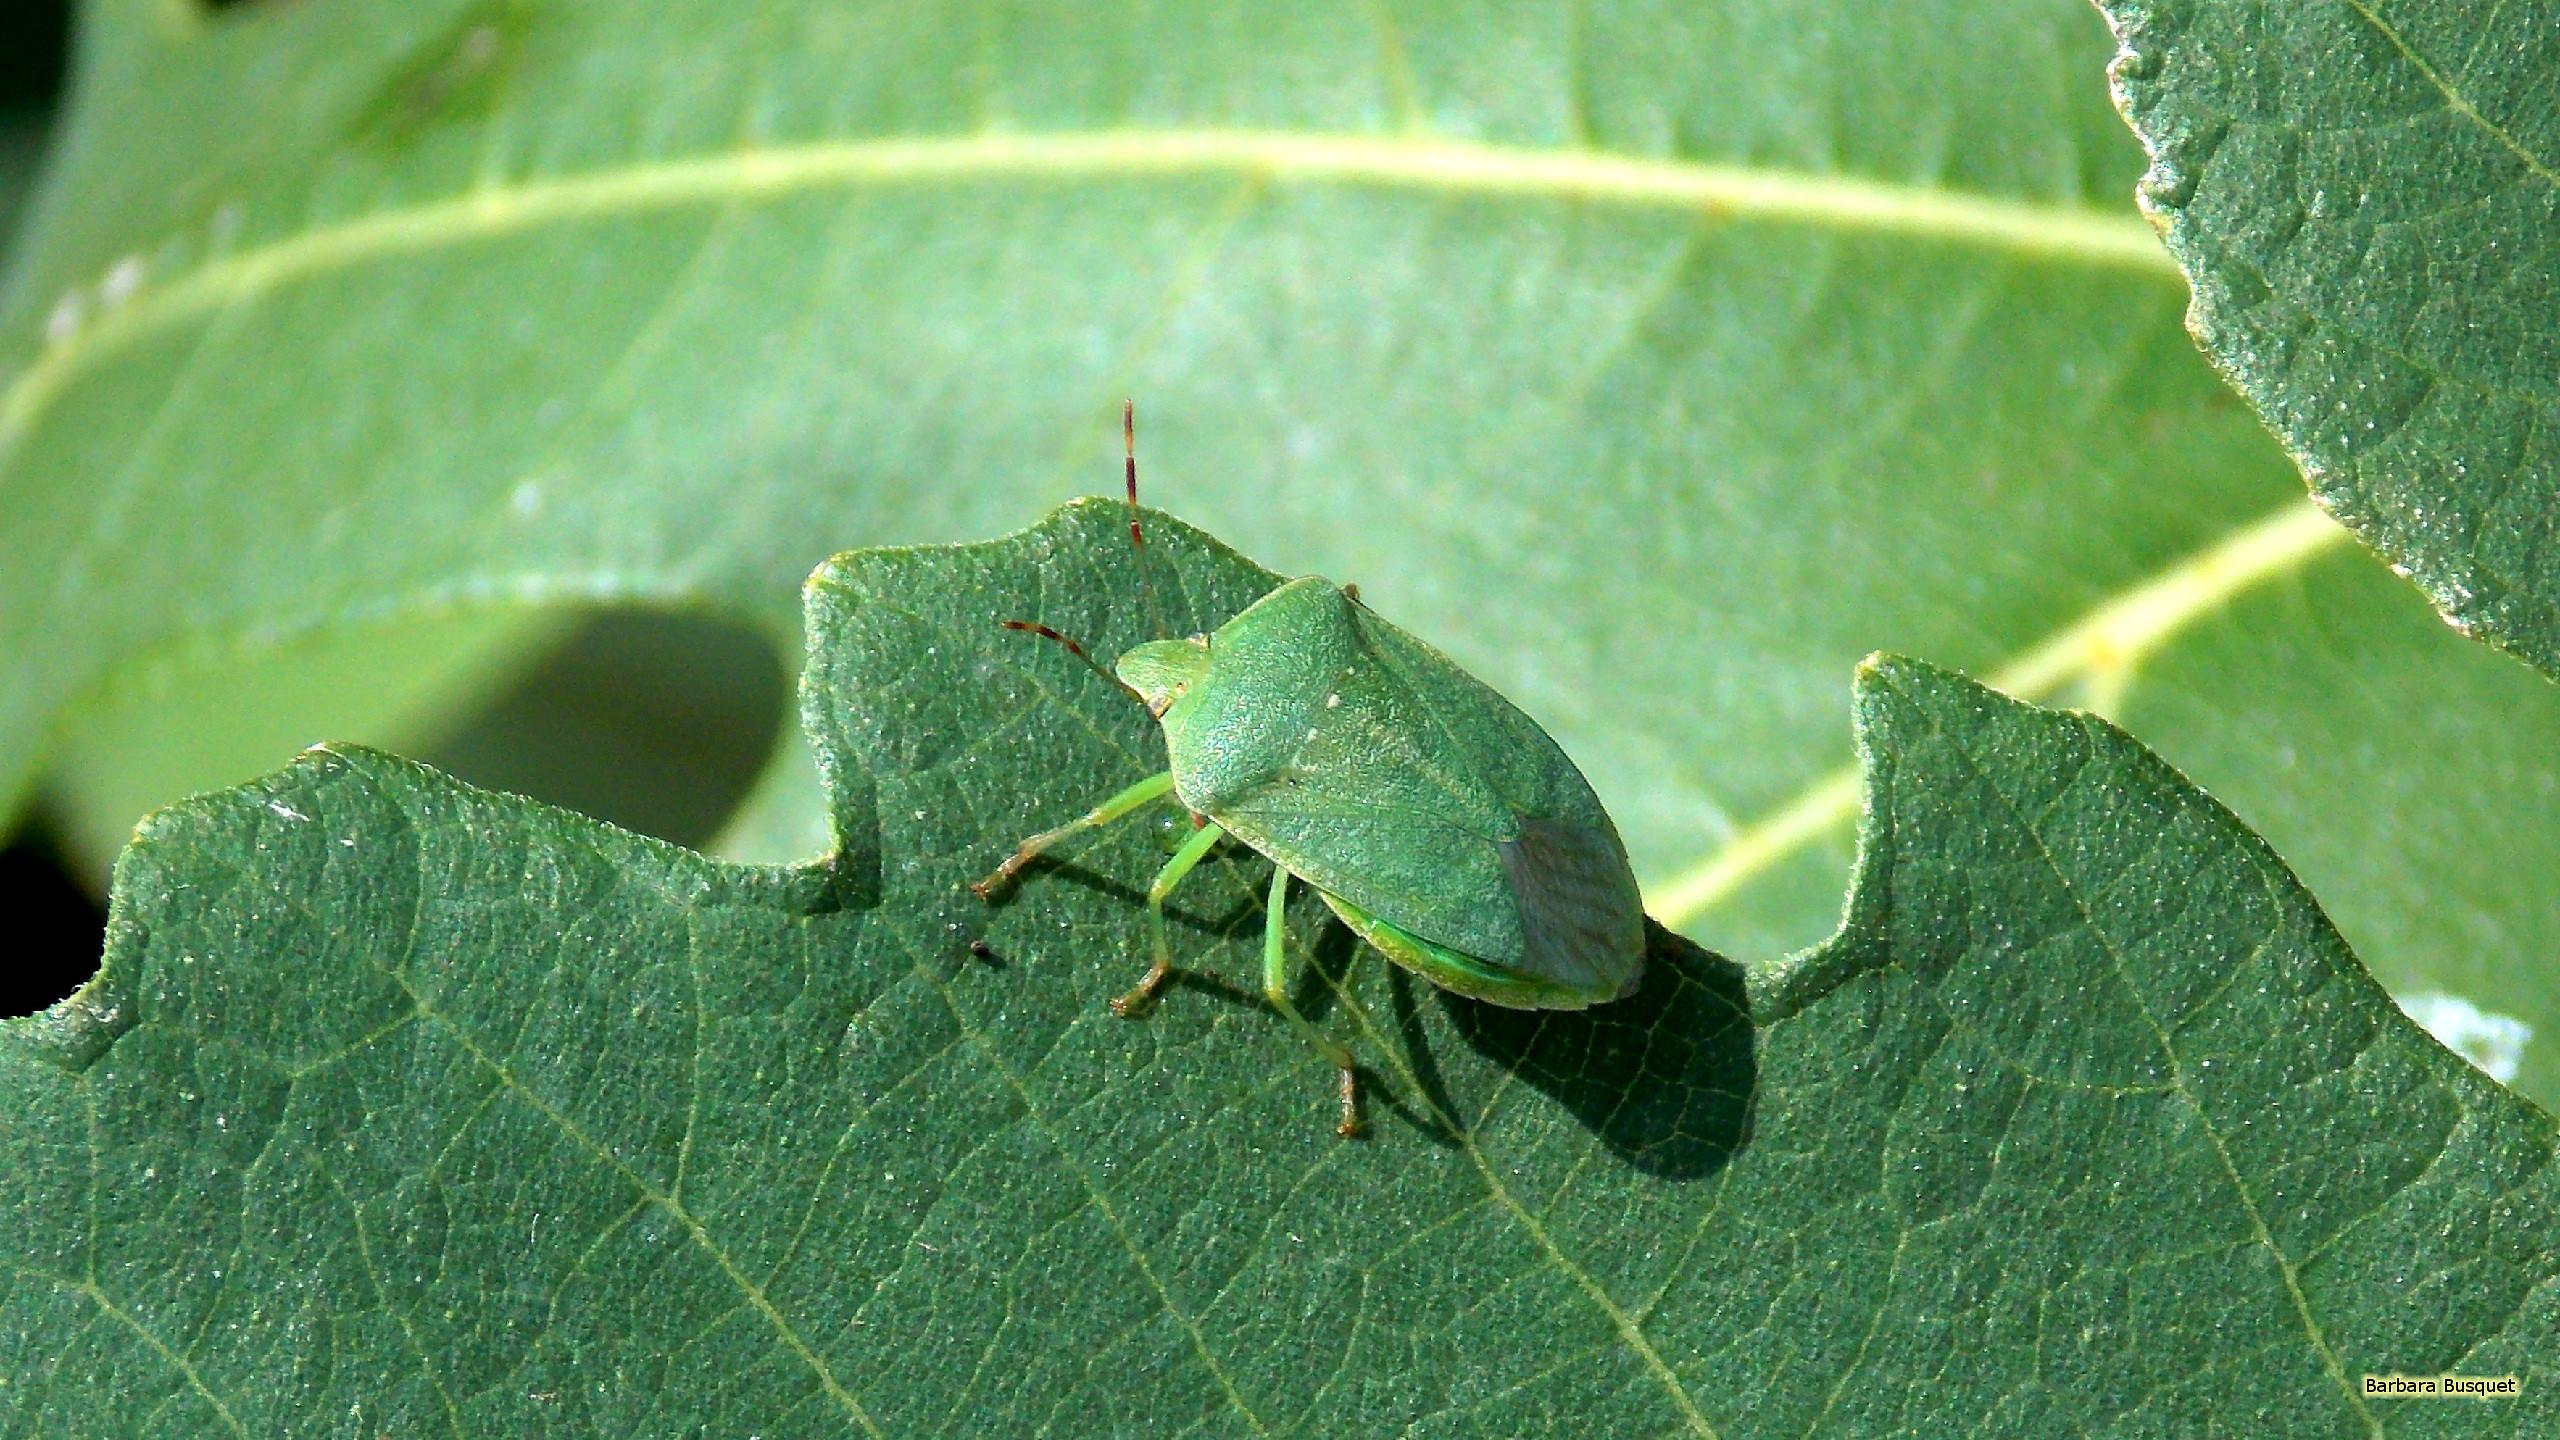 Res: 2560x1440, Green shield bug on a leaf